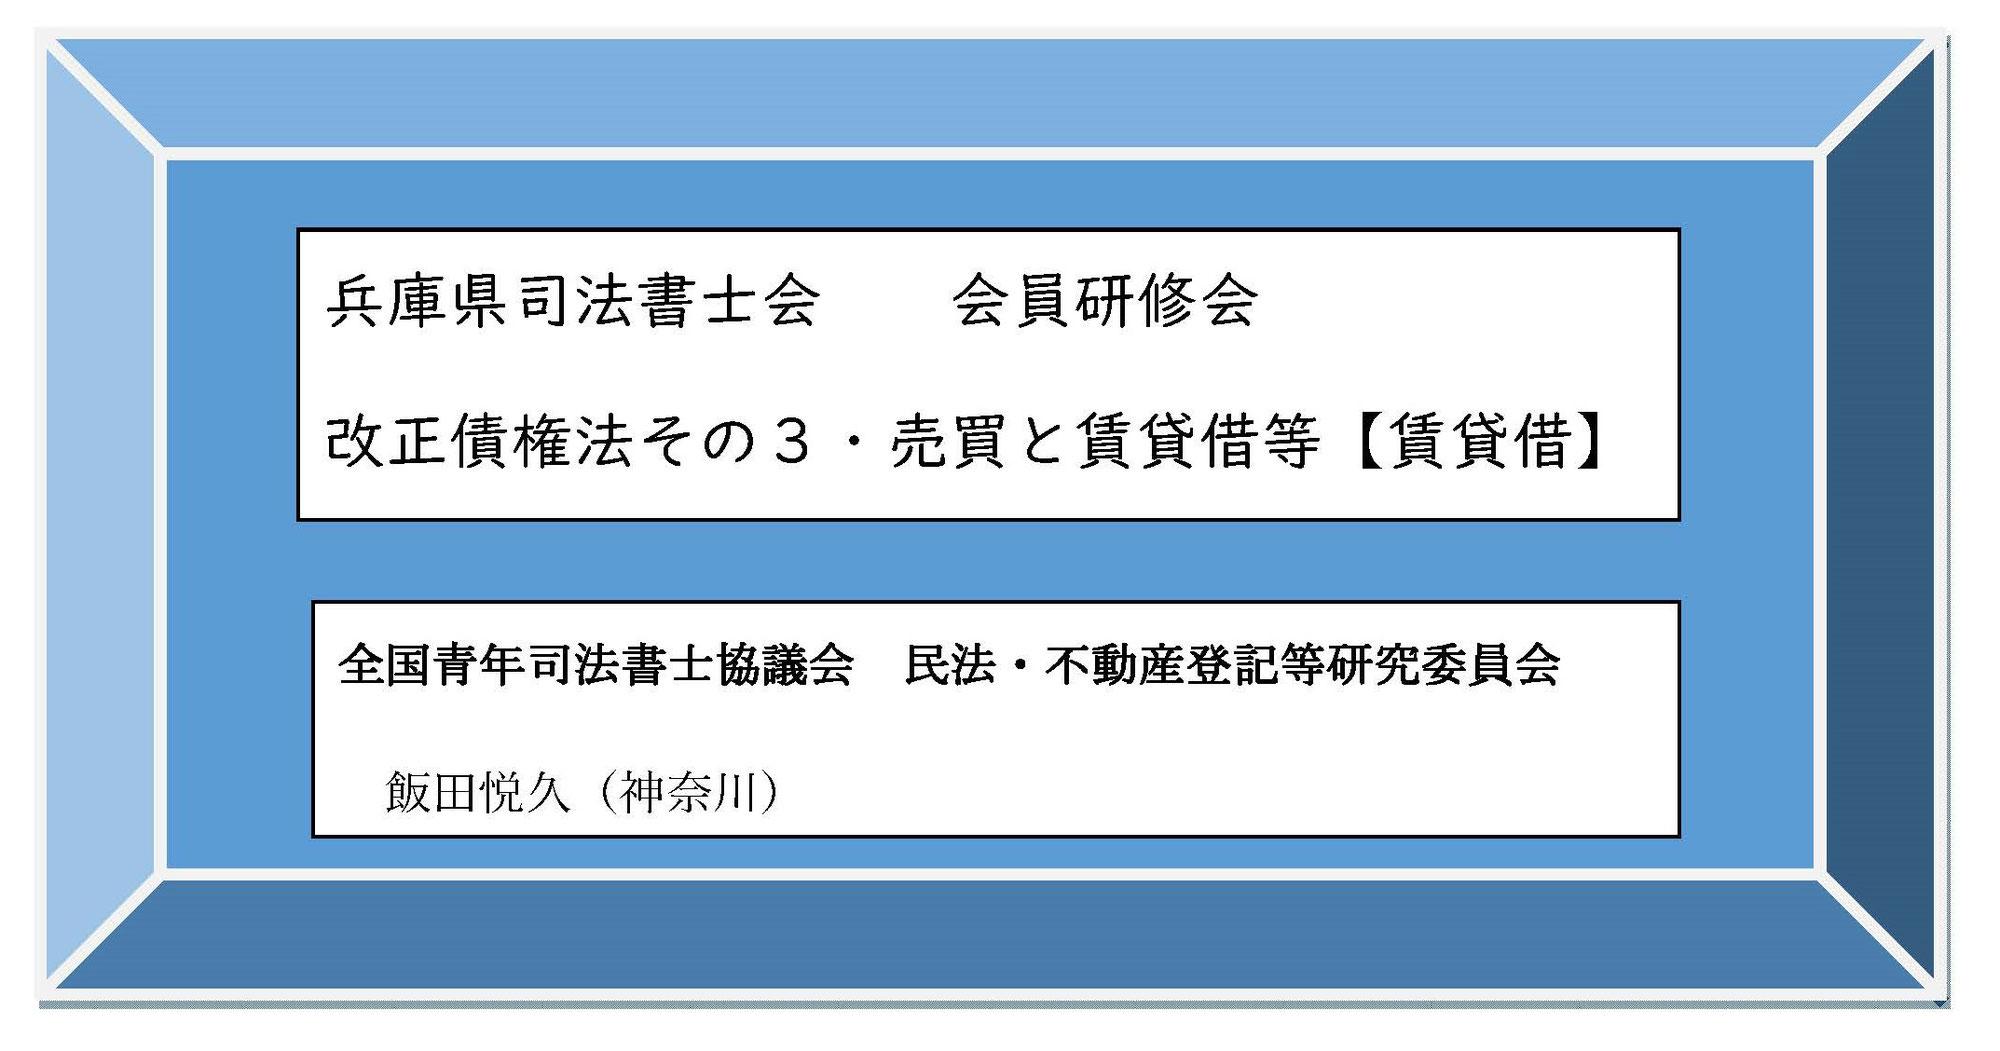 (なぜか)兵庫県司法書士会の会員研修で講師をすることに。